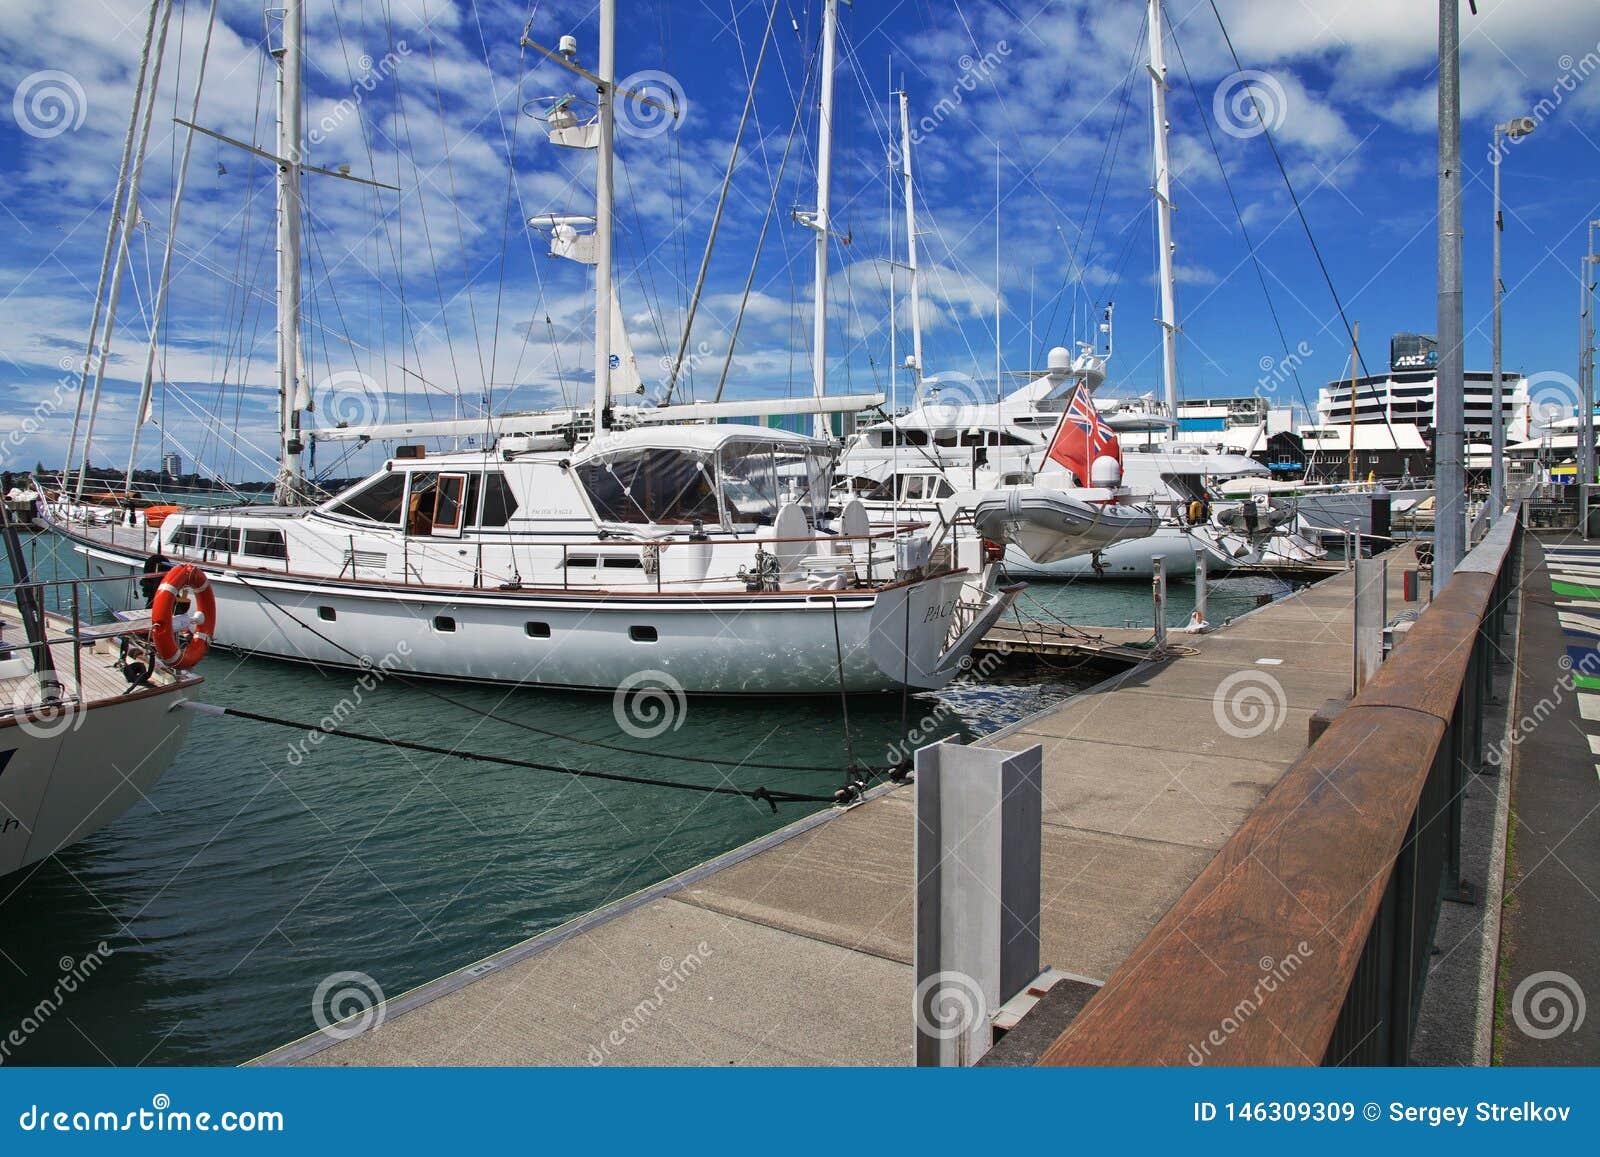 Auckland ist eine sch?ne Stadt in Neuseeland